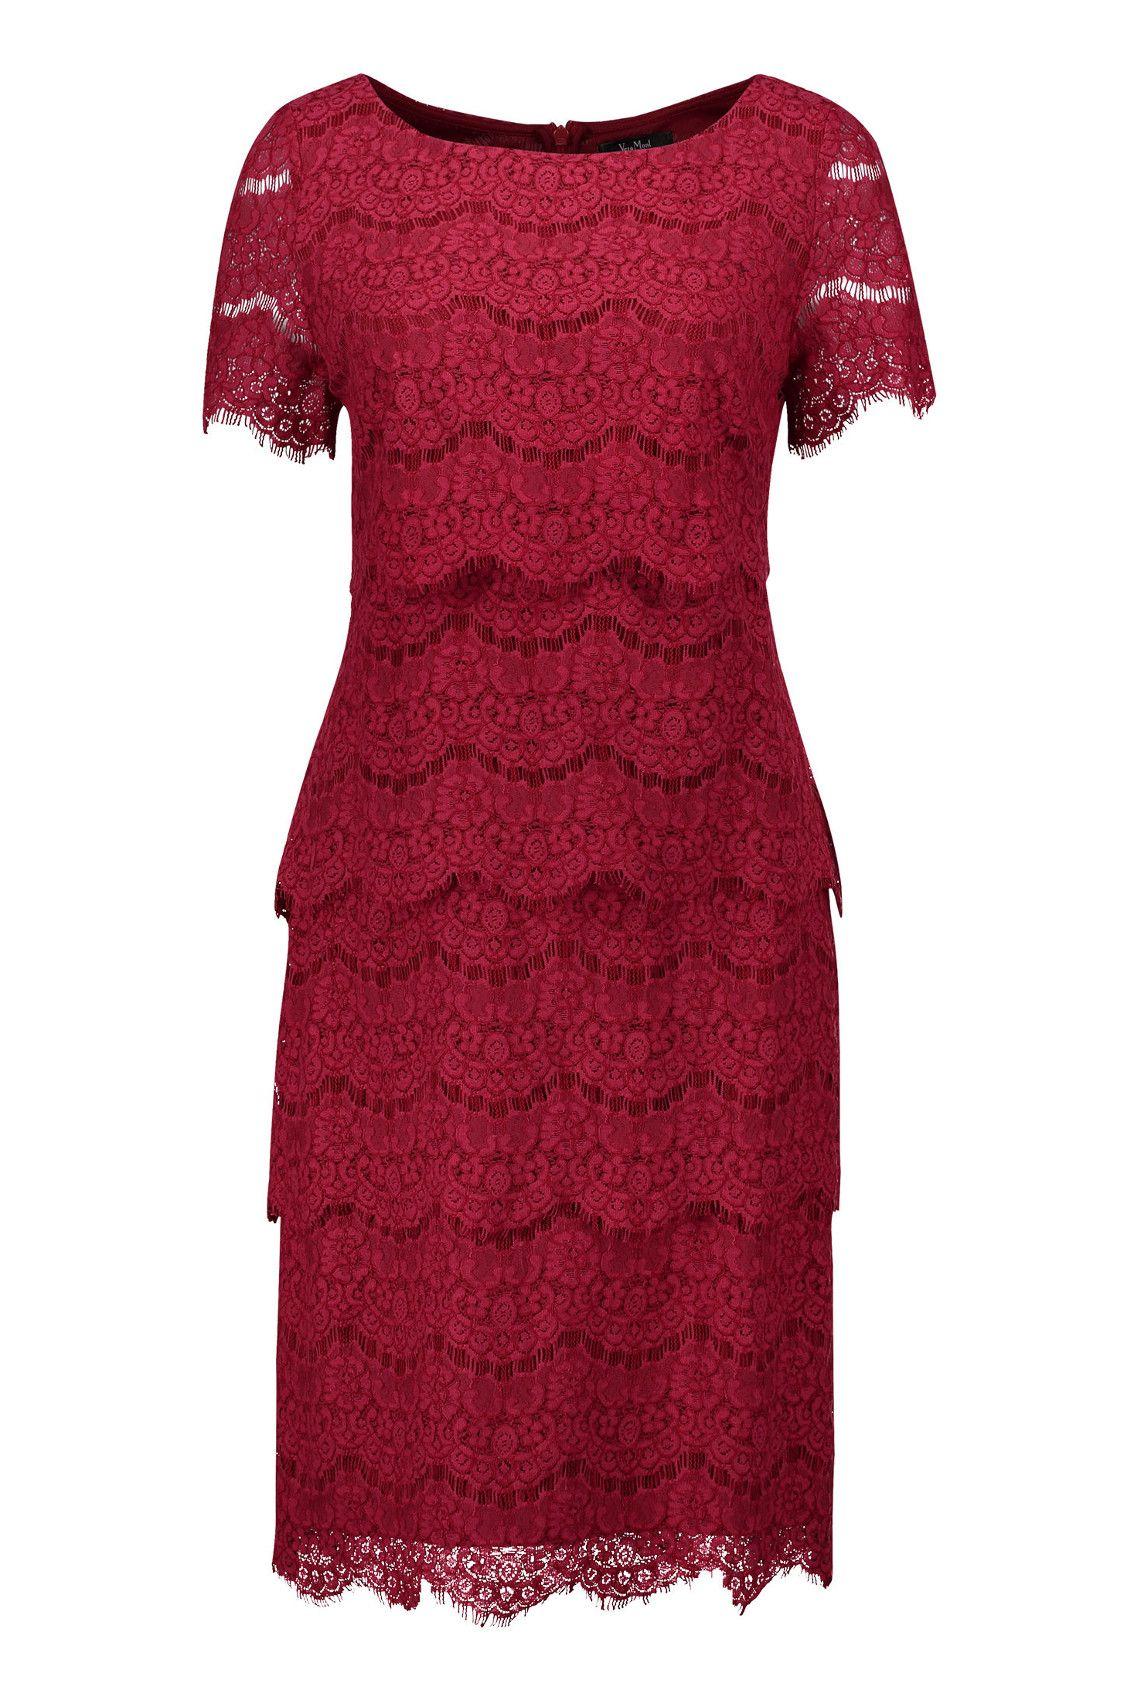 Spitzenkleid mit kurzem Ärmel Rot Vera Mont  Mode Bösckens